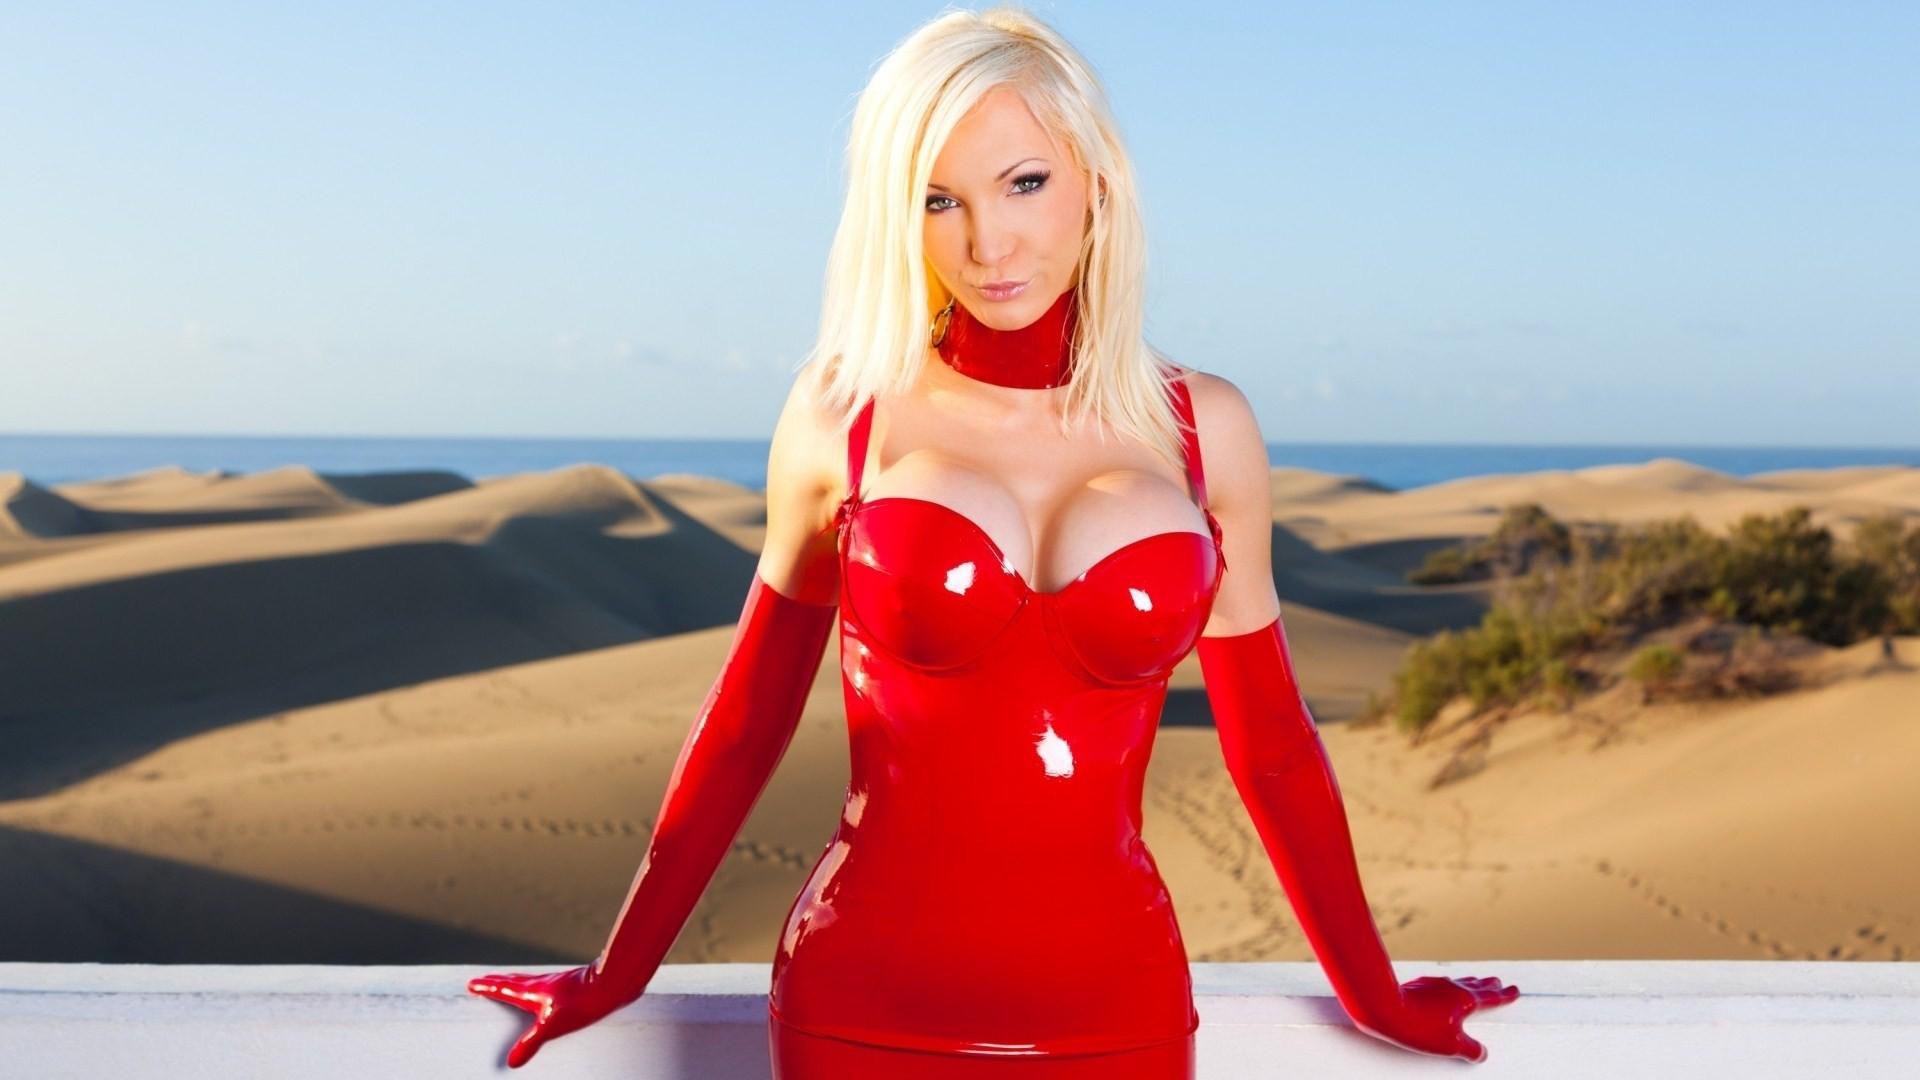 Sexy blonde calendar babe Kissa Sins modeling hooker outfit outdoors № 1018894 загрузить